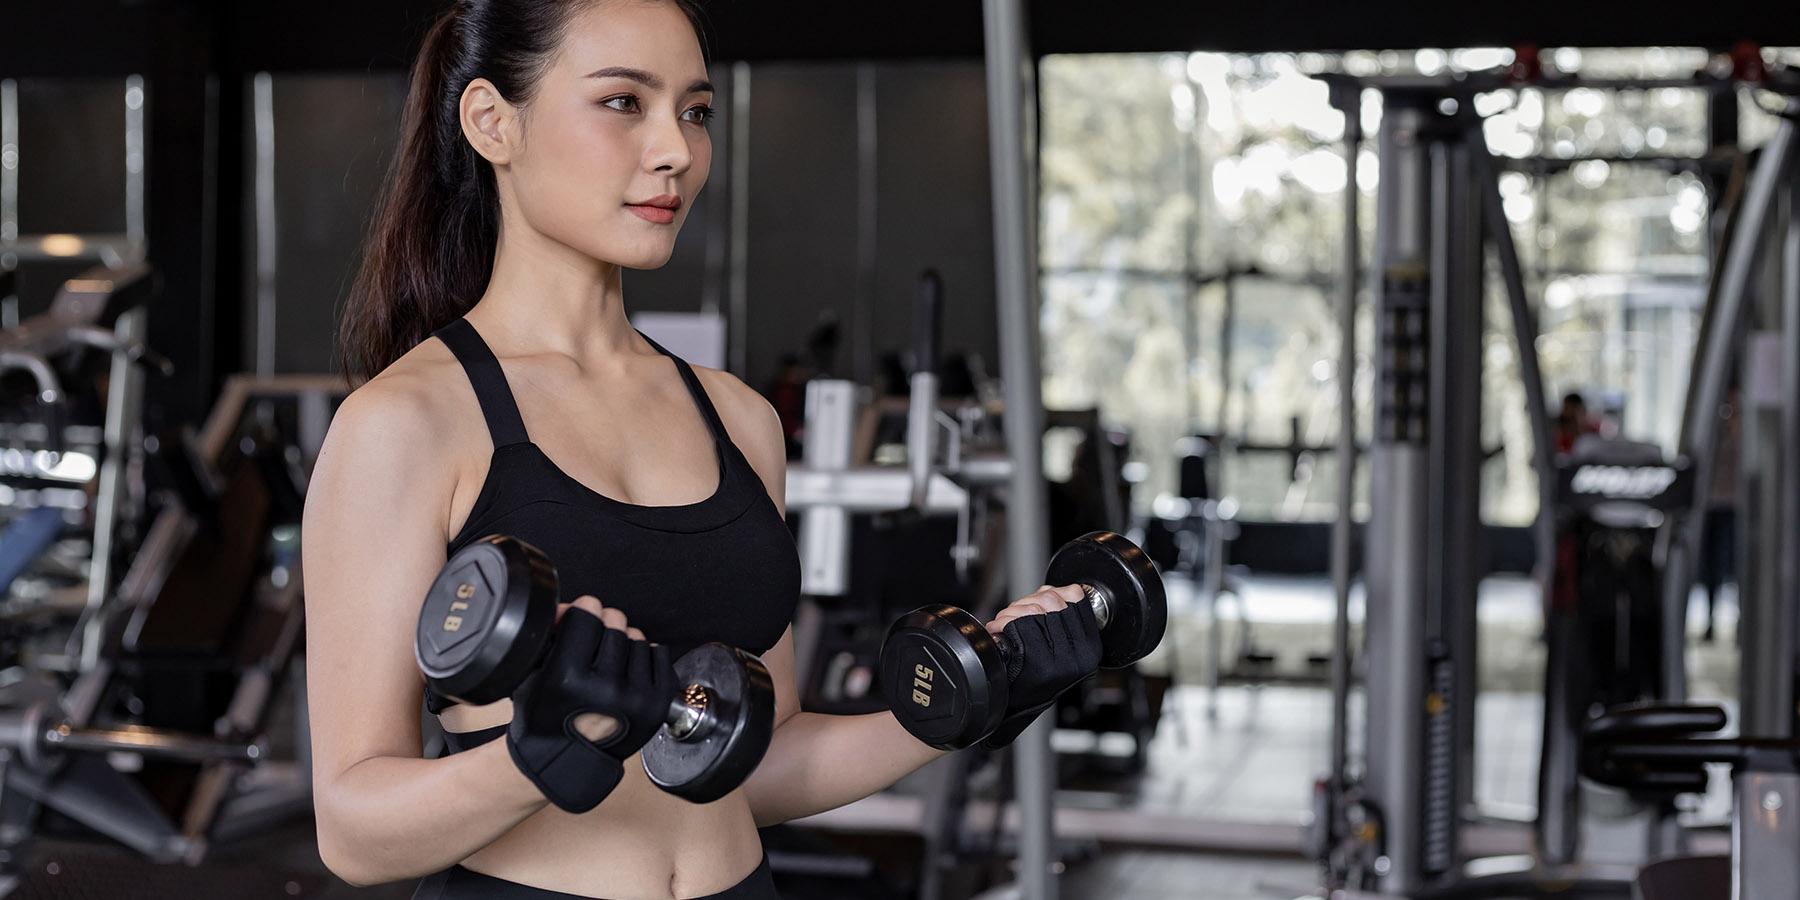 best upper body exercises for women